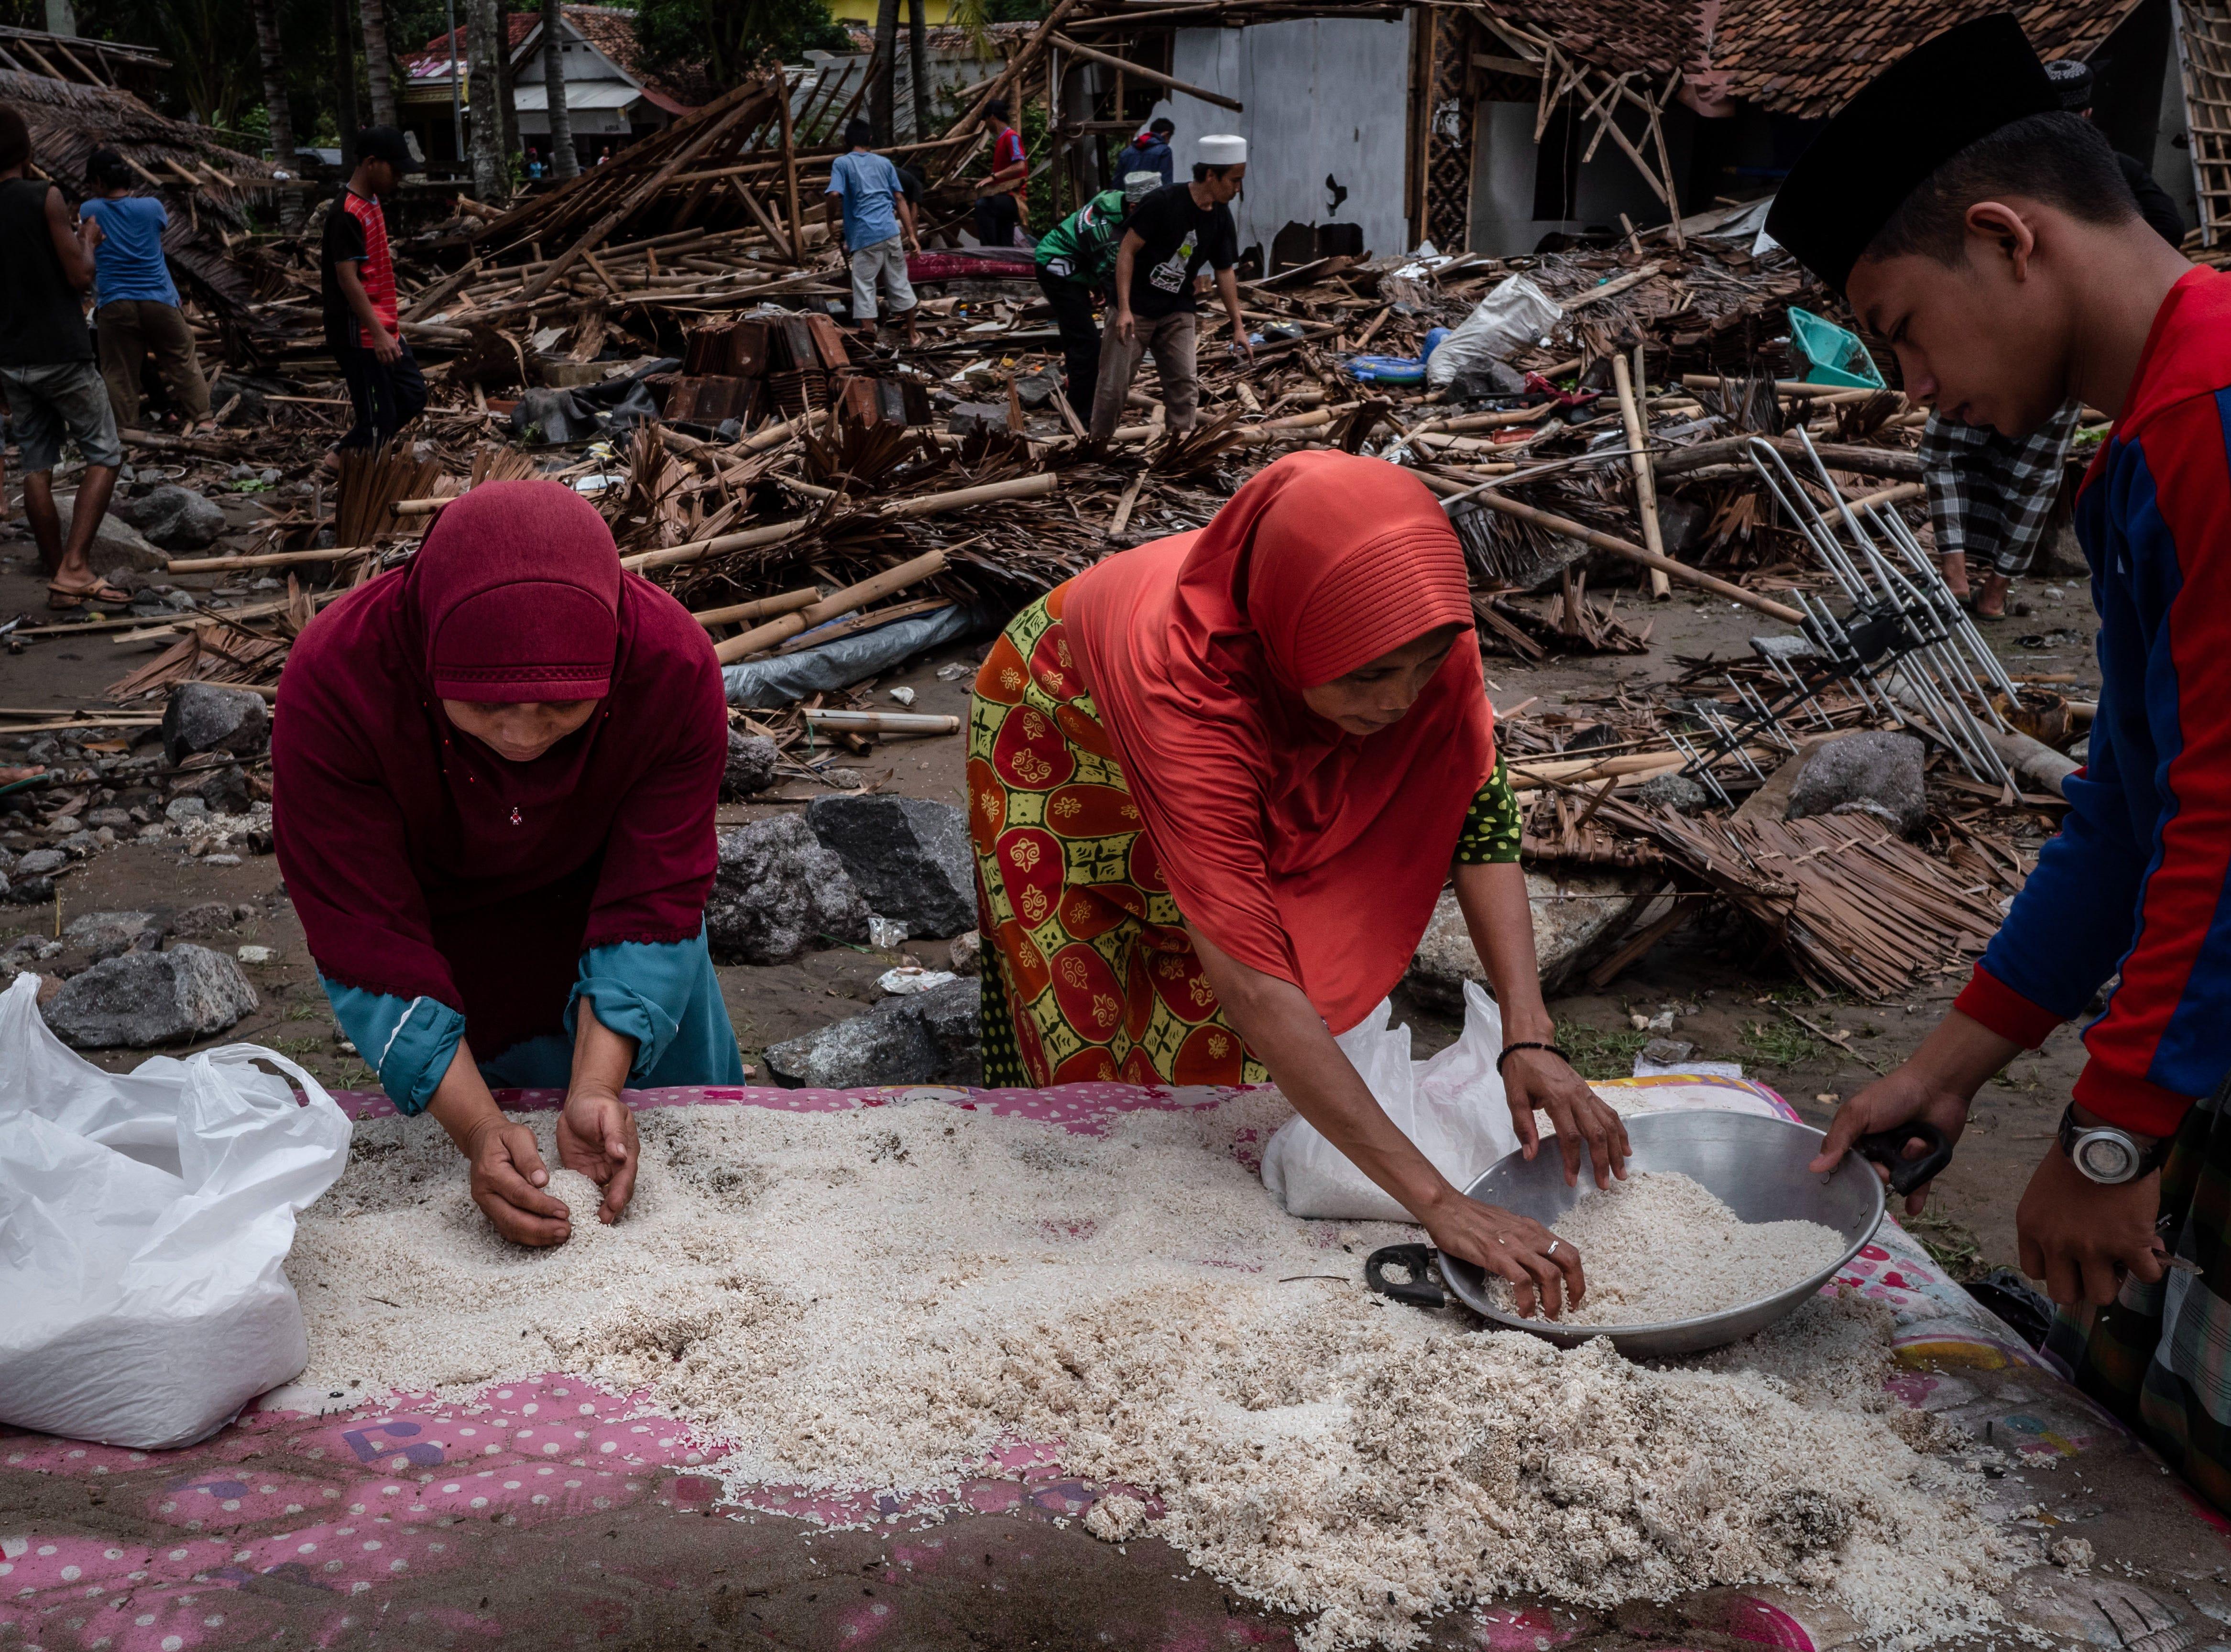 Mujeres recolectan arroz mientras aldeanos buscan sus pertenencias en sus casas destruidas después de haber sido golpeada por un tsunami el 24 de diciembre de 2018 en Carita, provincia de Banten, Indonesia.